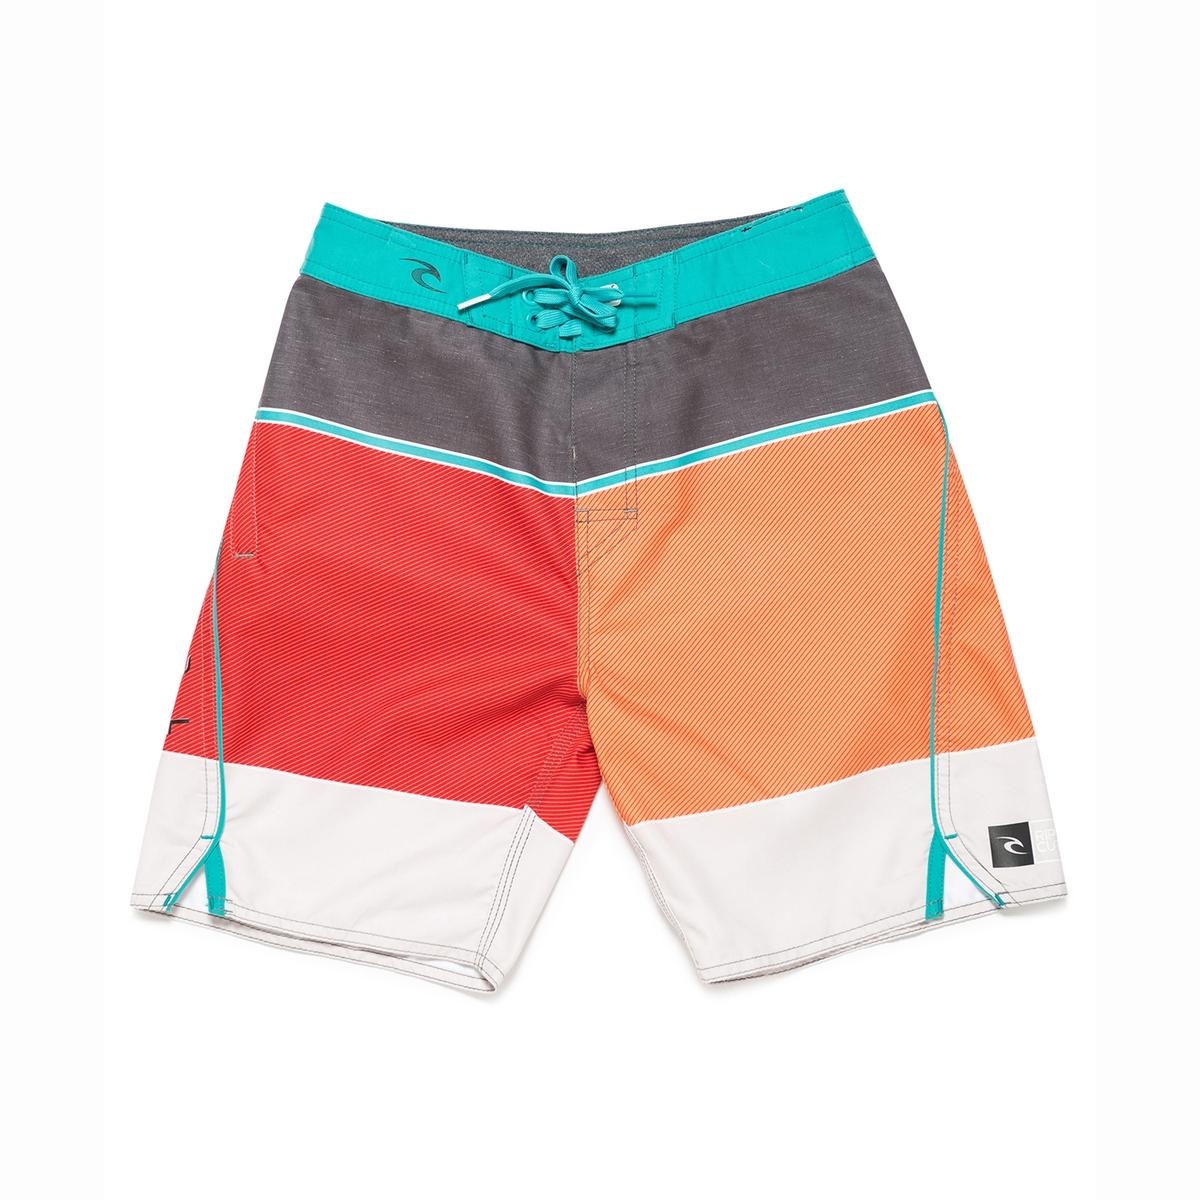 Шорты пляжные в разноцветную полоску 8-16 летШорты пляжные в полоску. Эластичный пояс с завязками . Карман на молнии. Логотип RIP CURL сбоку .Состав и описаниеМатериал: 100% полиэстераМарка RIP CURLУходМашинная стирка при 30°,сушка в барабане и глажка запрещена .<br><br>Цвет: оранжевый